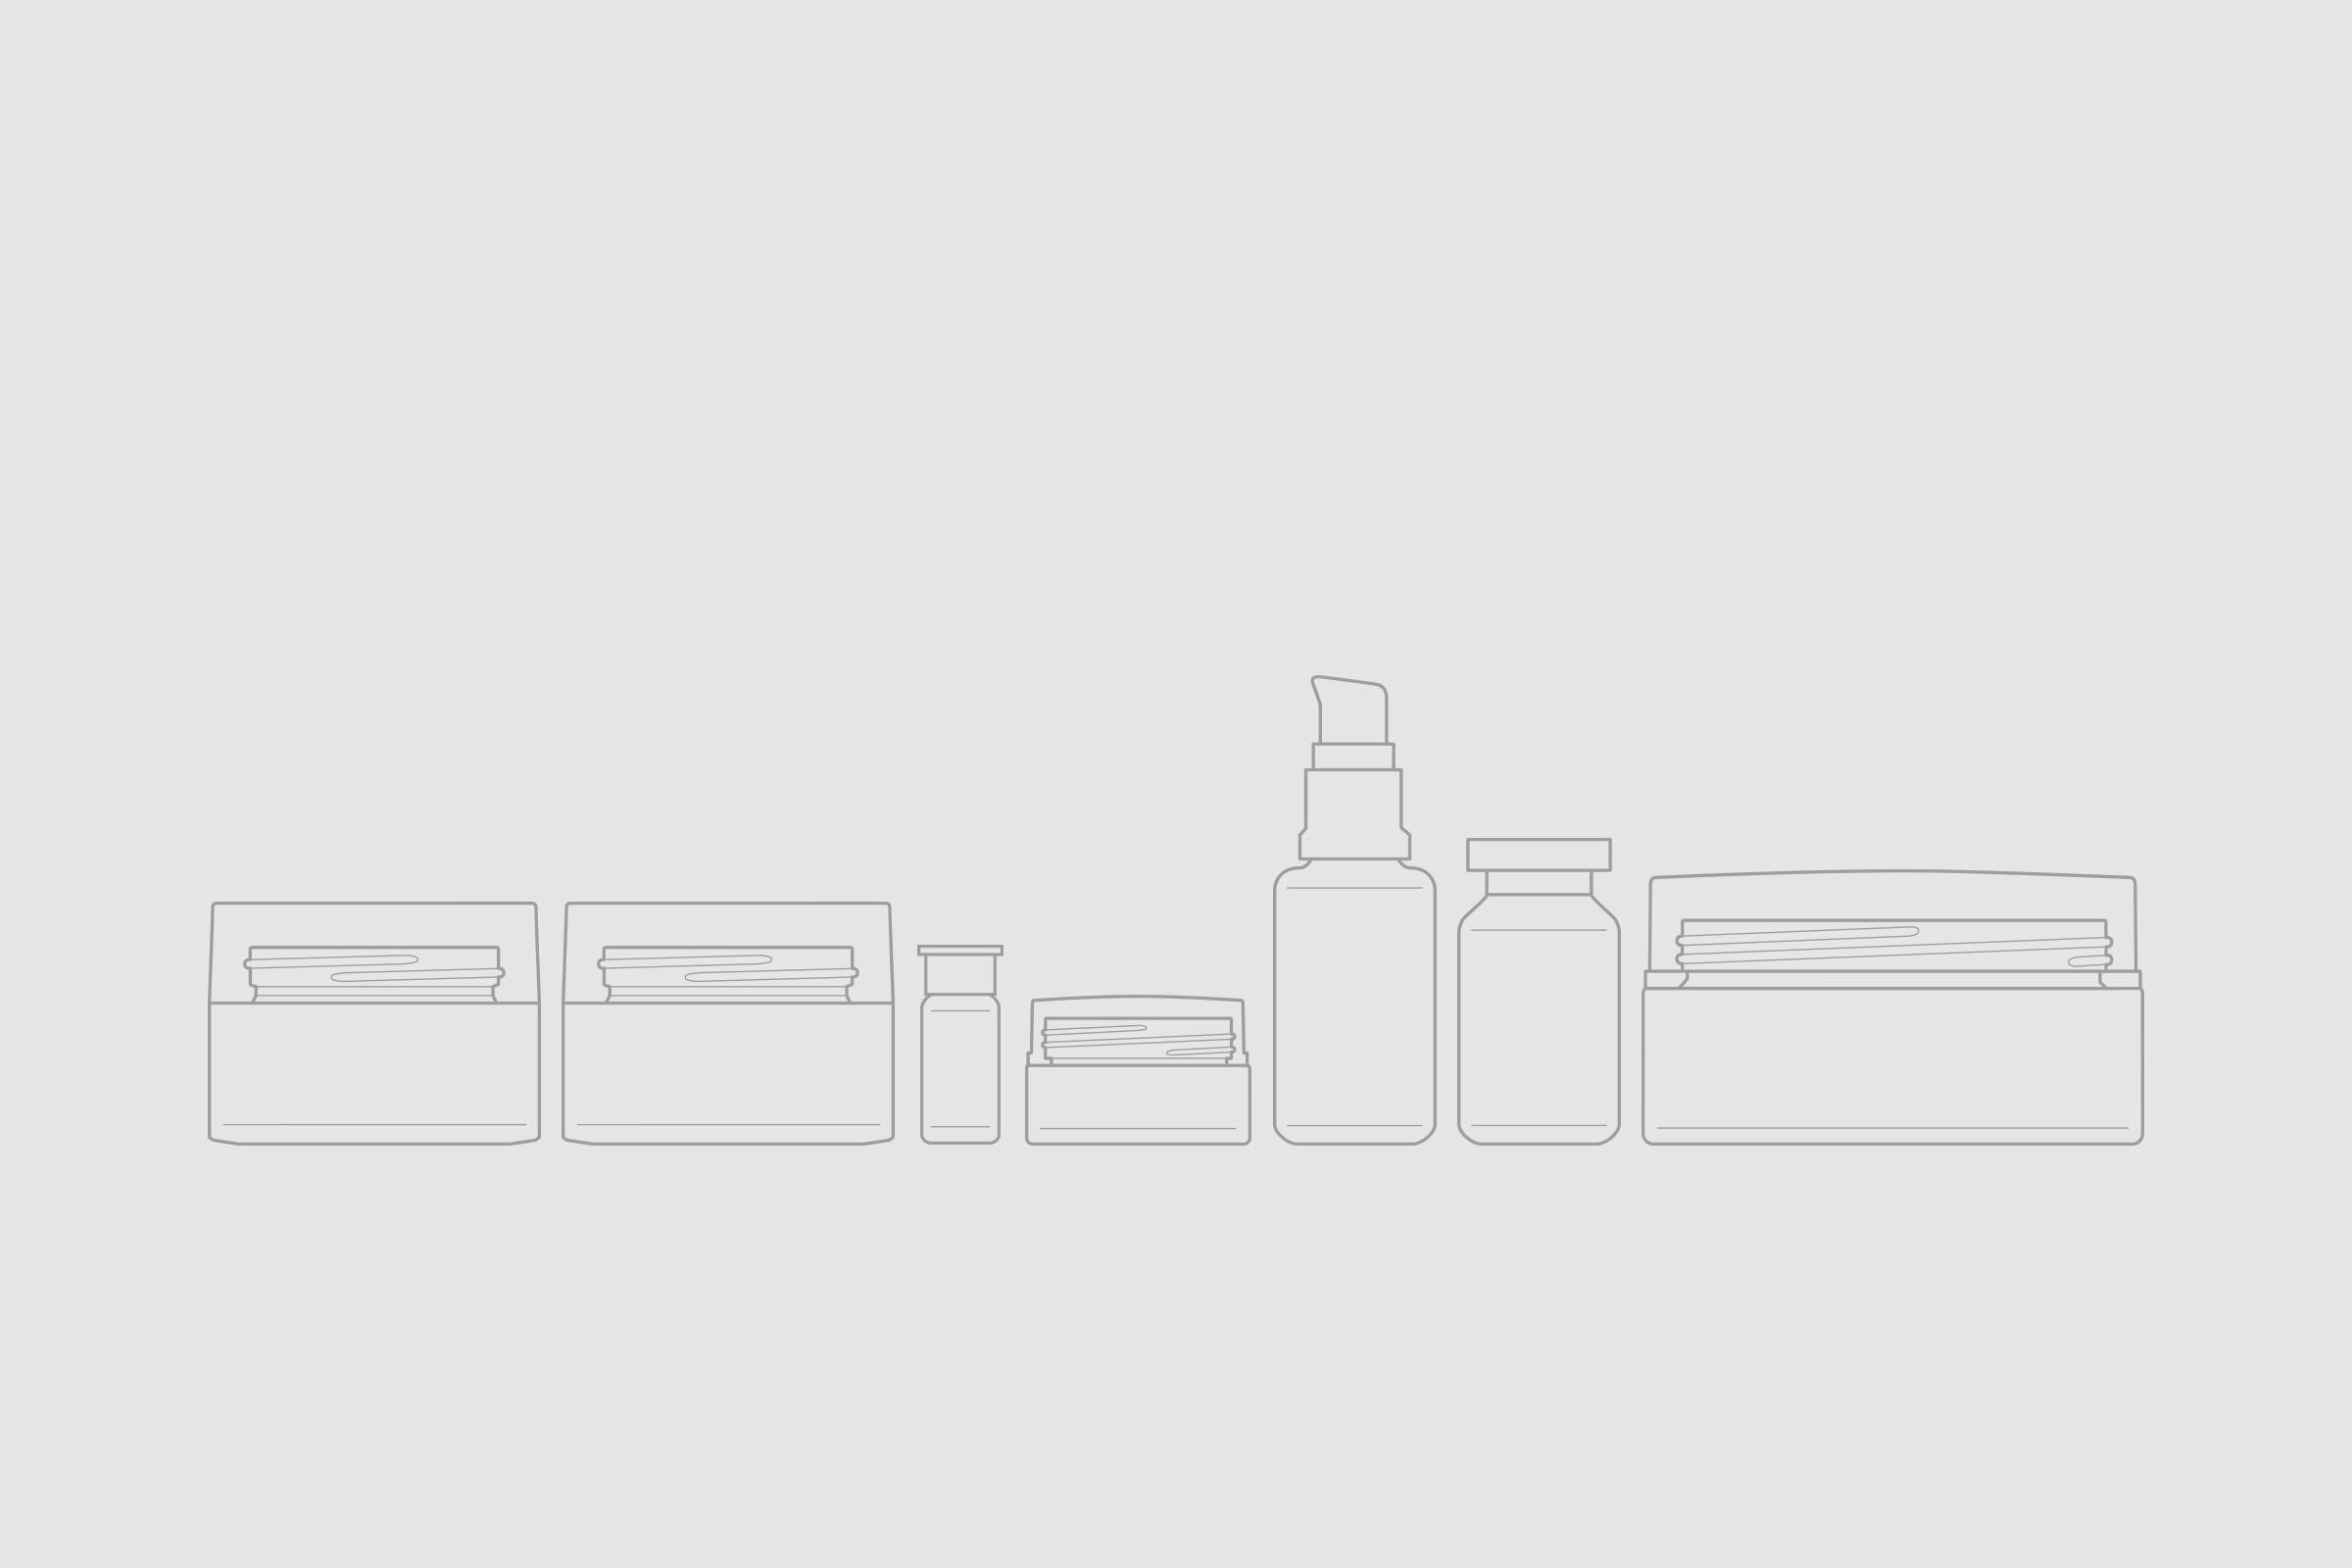 Fase, estudio de diseño gráfico. Identidad corporativa y diseño de packaging para Endor Technologies. Iconos envases.